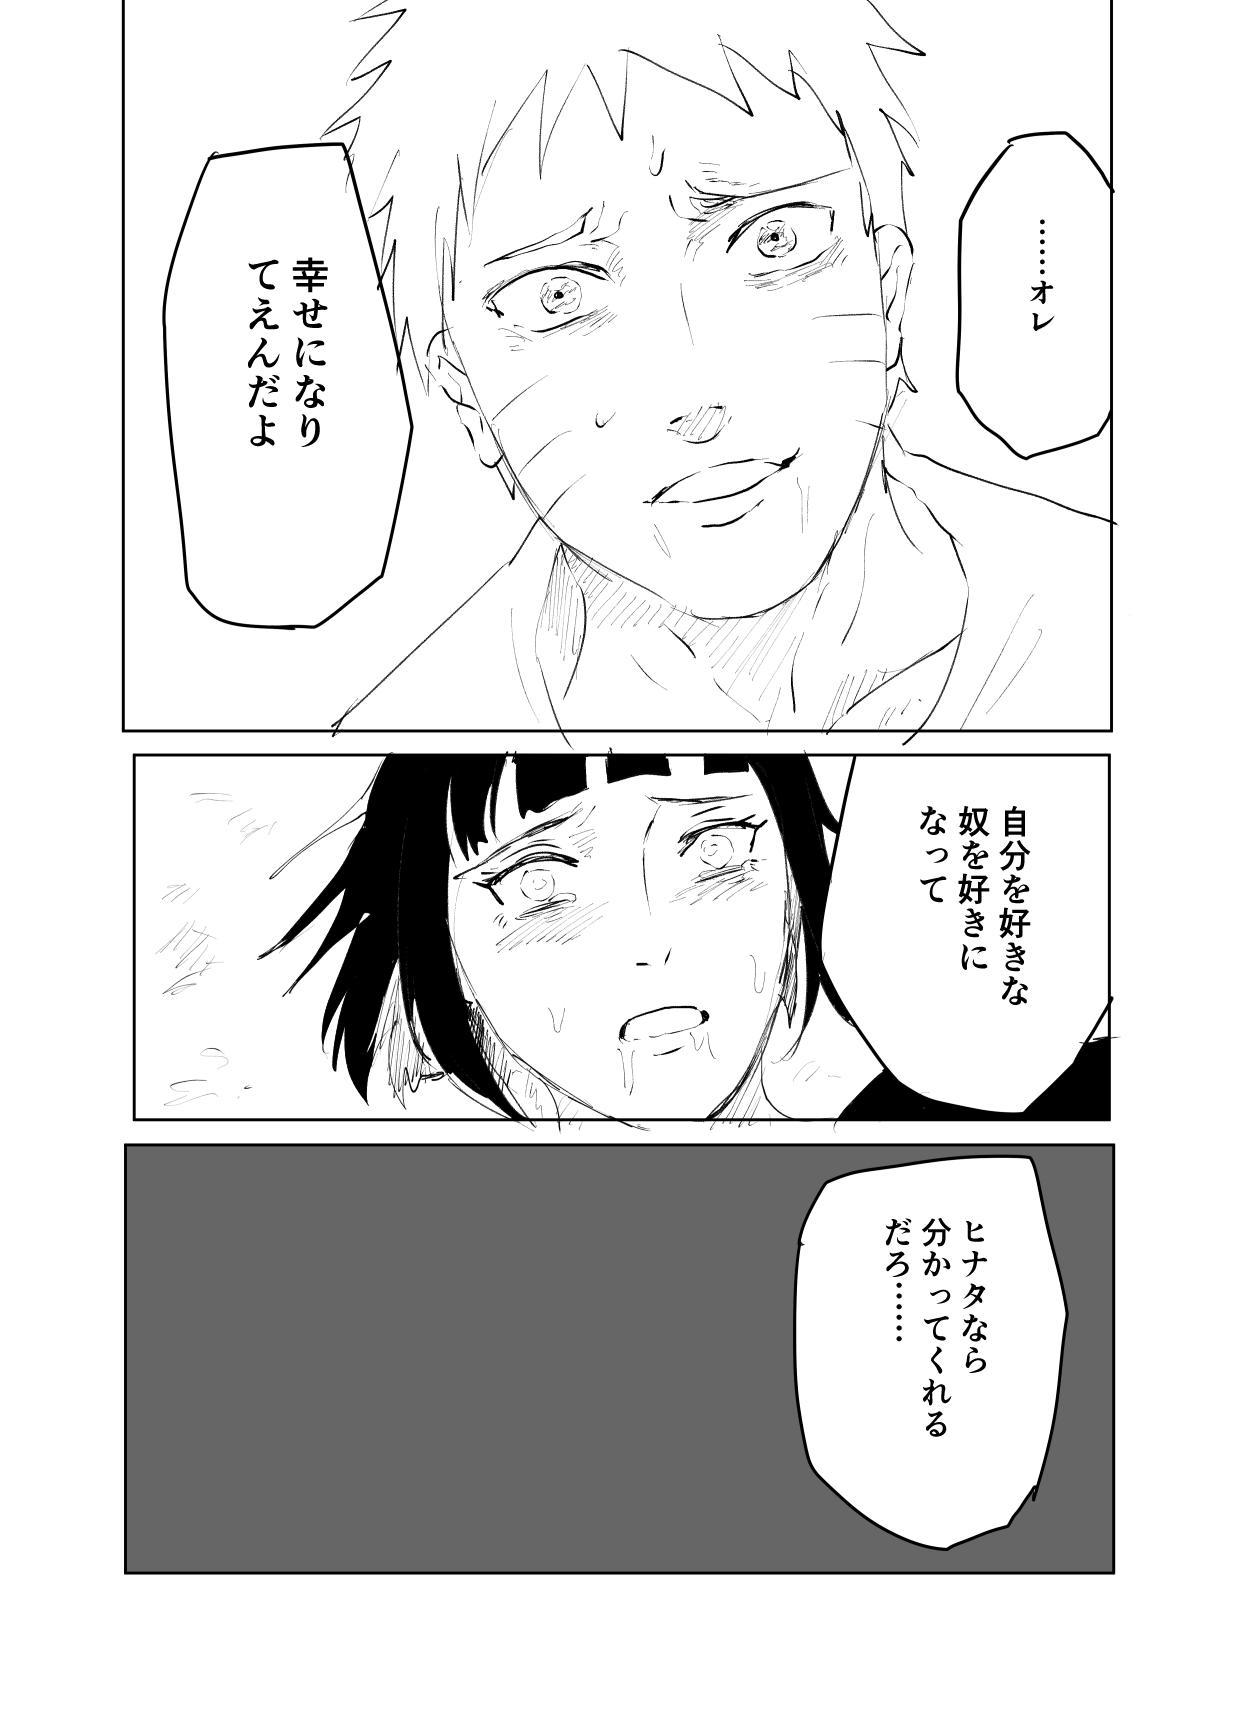 嘘告白漫画 71